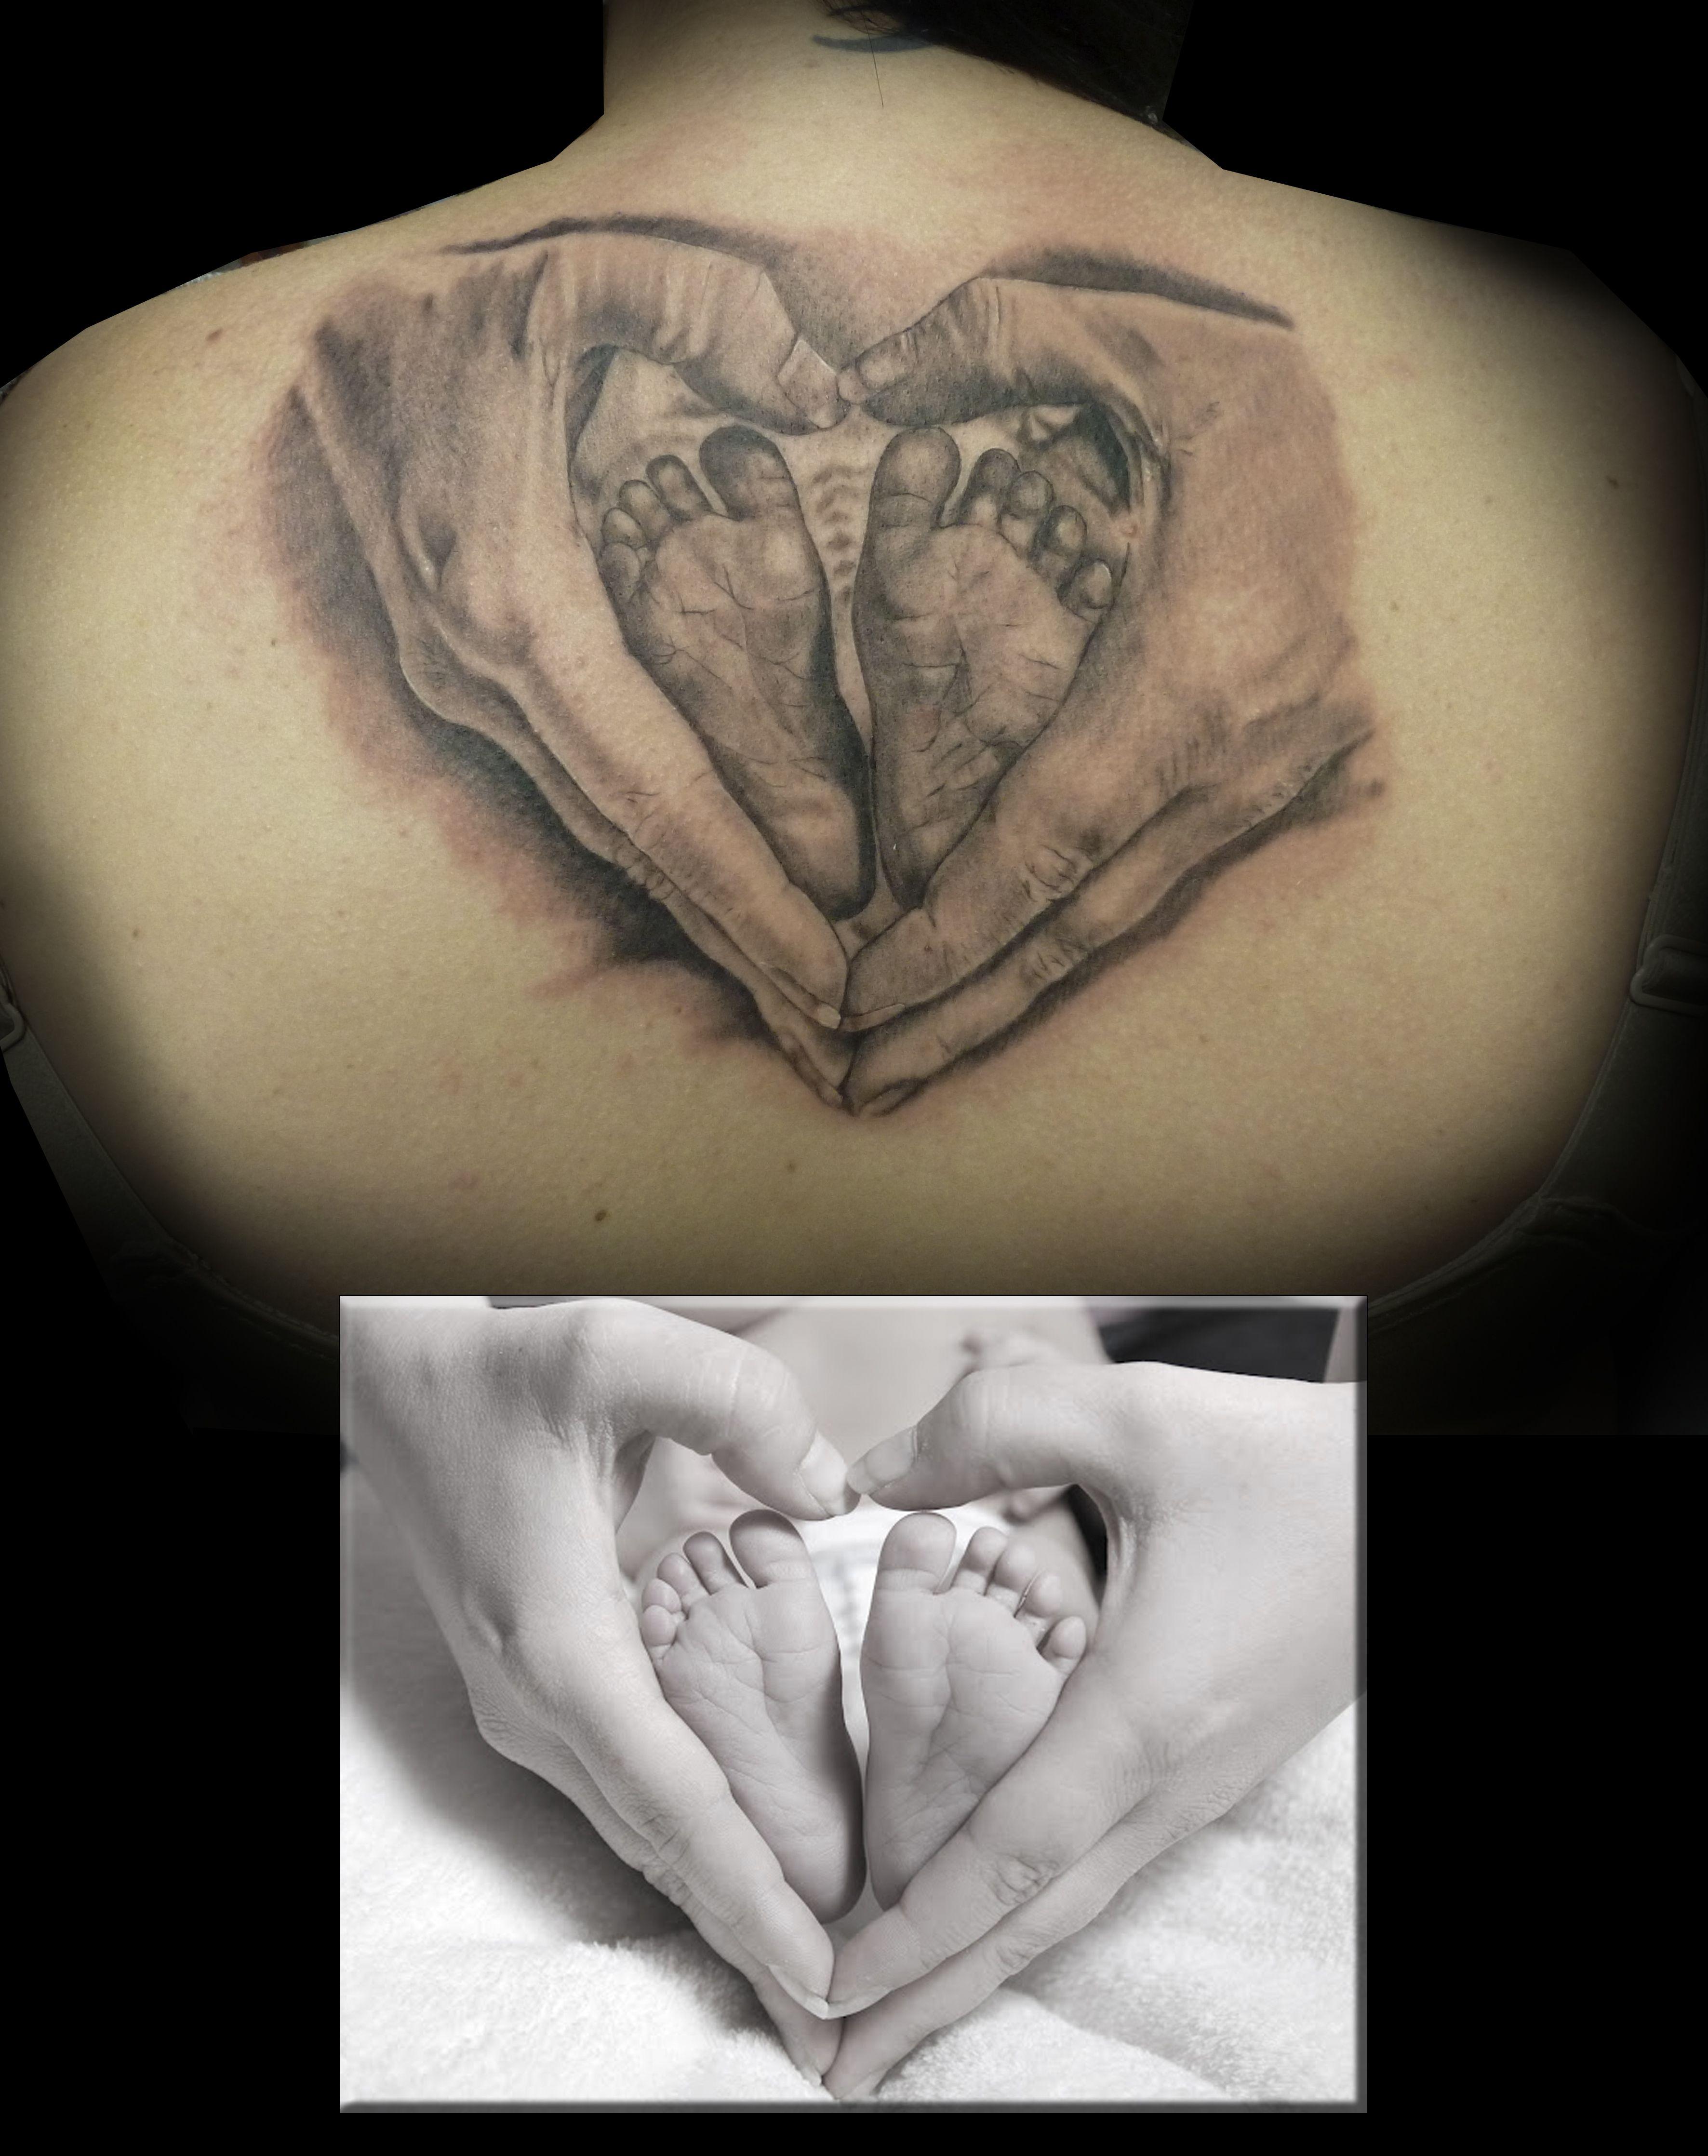 tat muy especial para mí, de una foto de mi gran amiga y gran artista Laura mato #damageink #damageinkorporated #raultat2s #realistictattoo